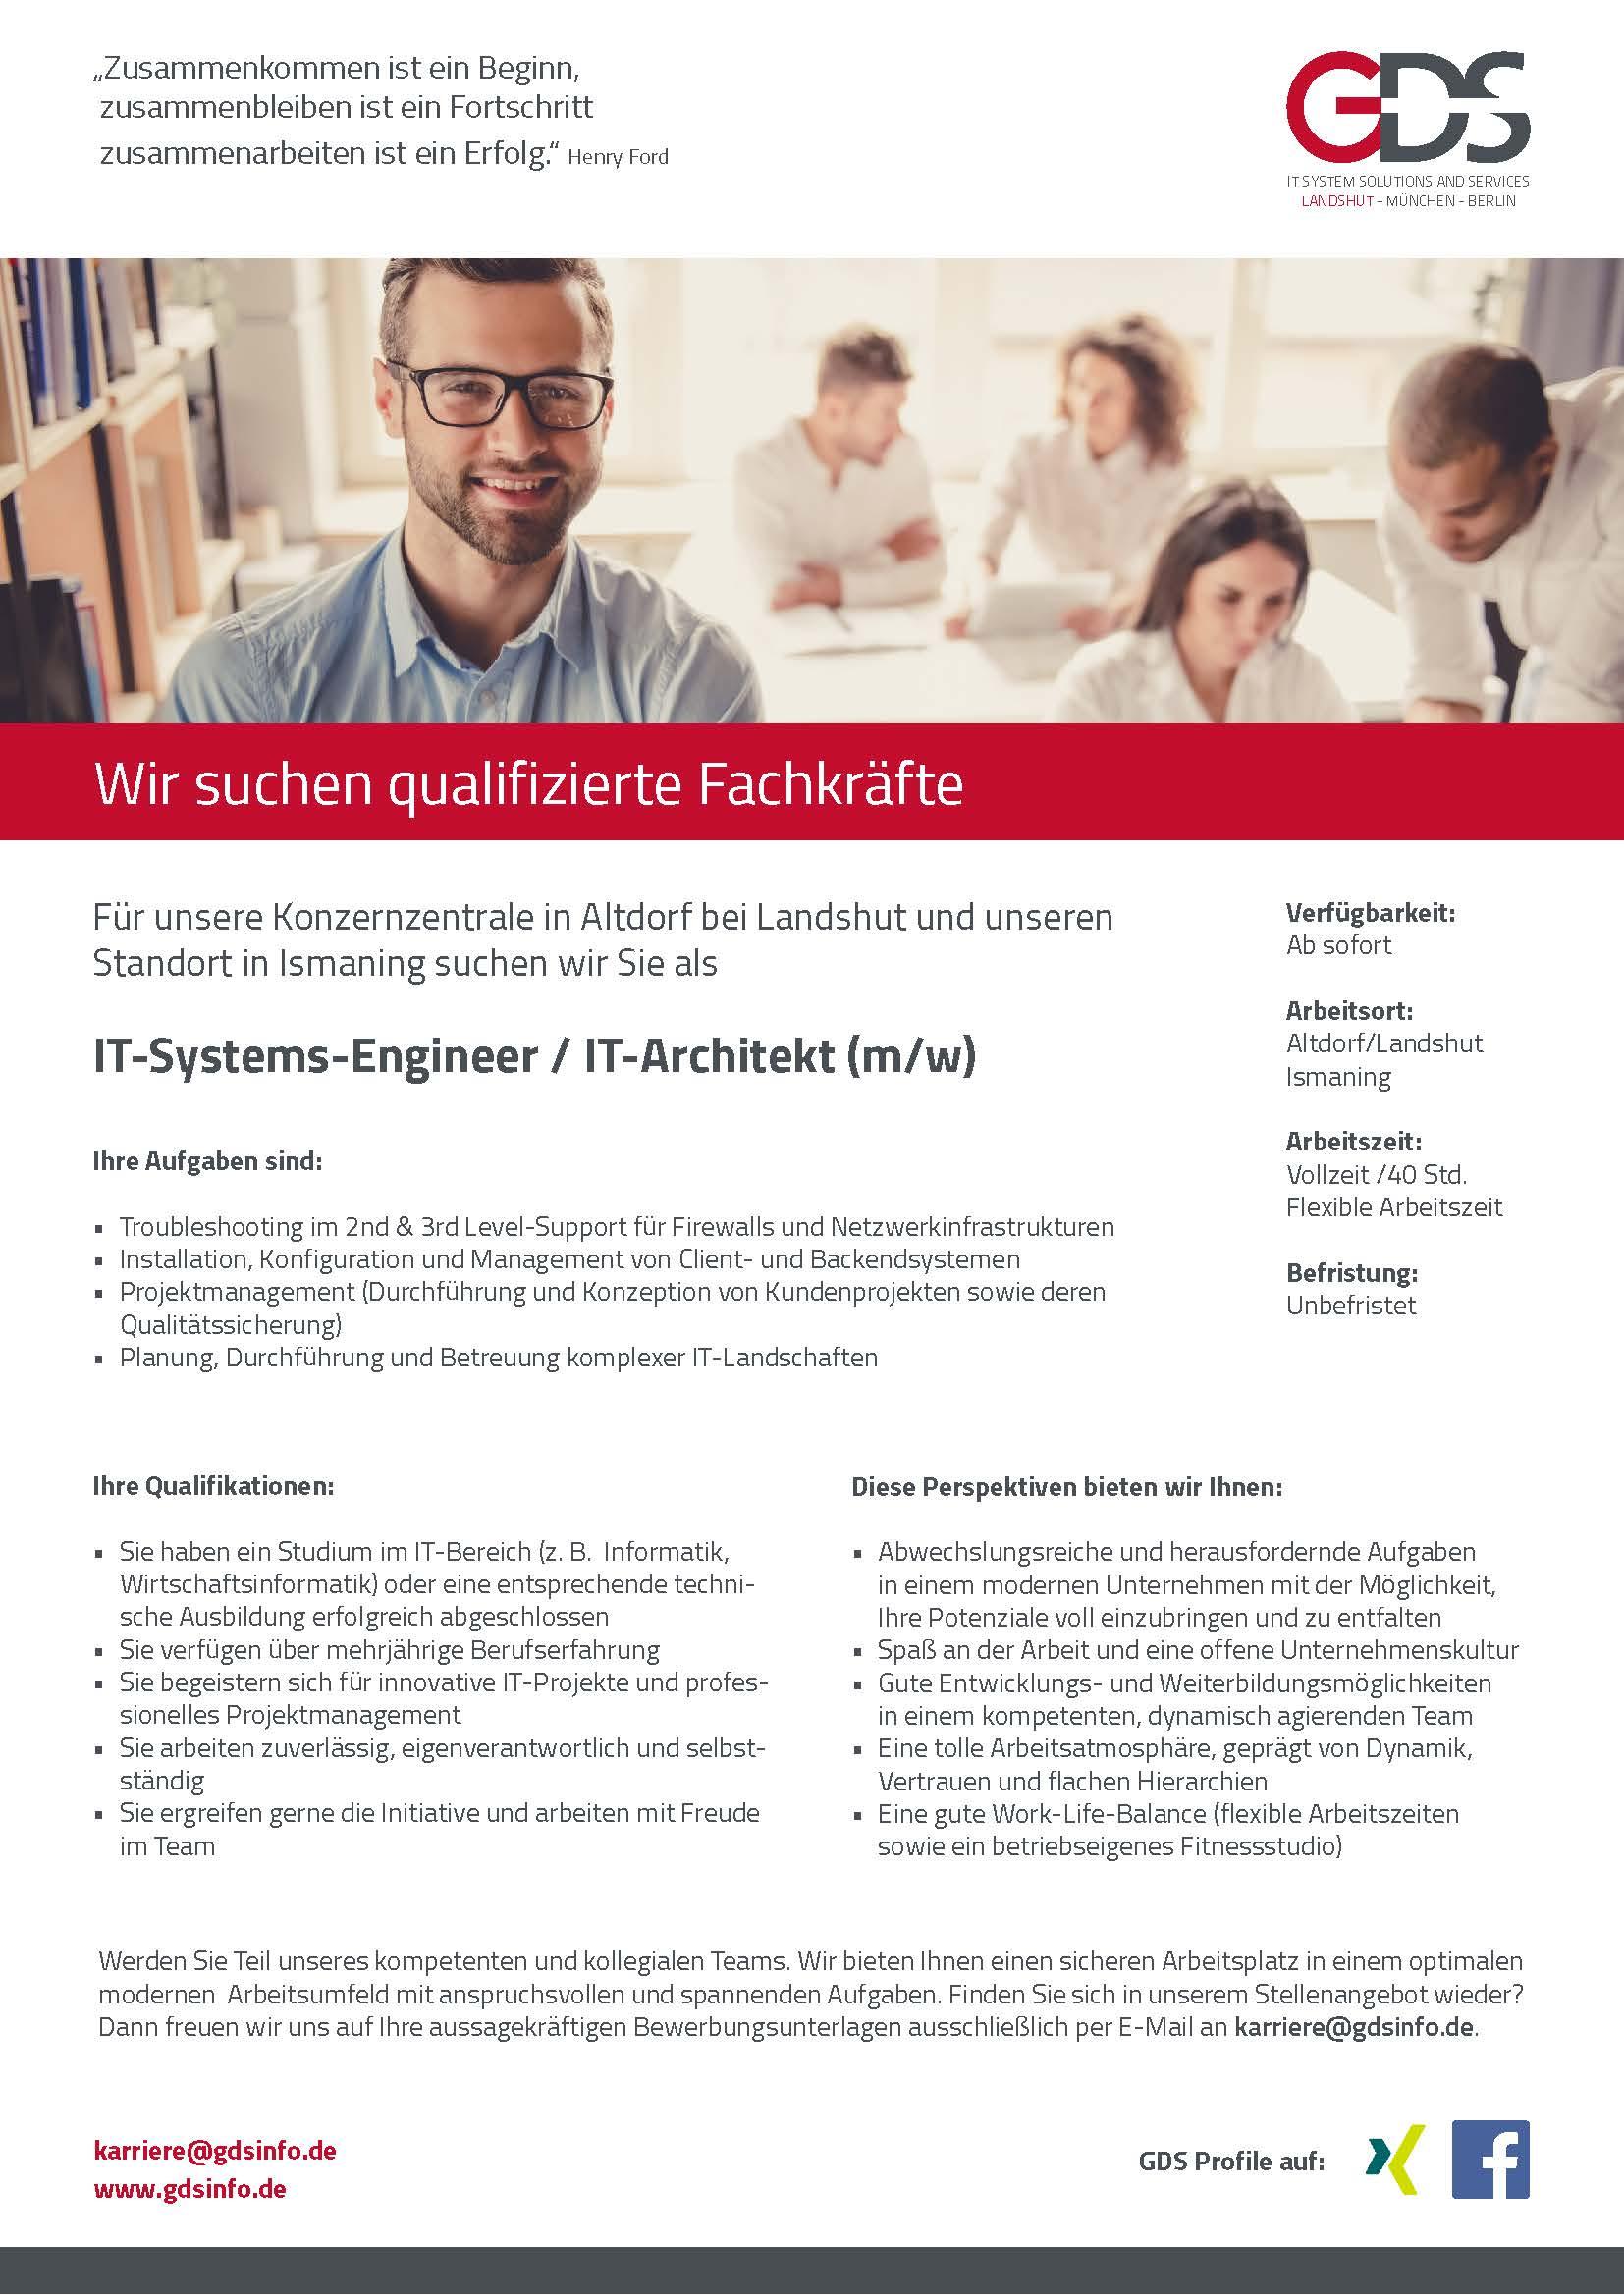 IT-Kundenbetreuer für kaufmännische Software (m/w)